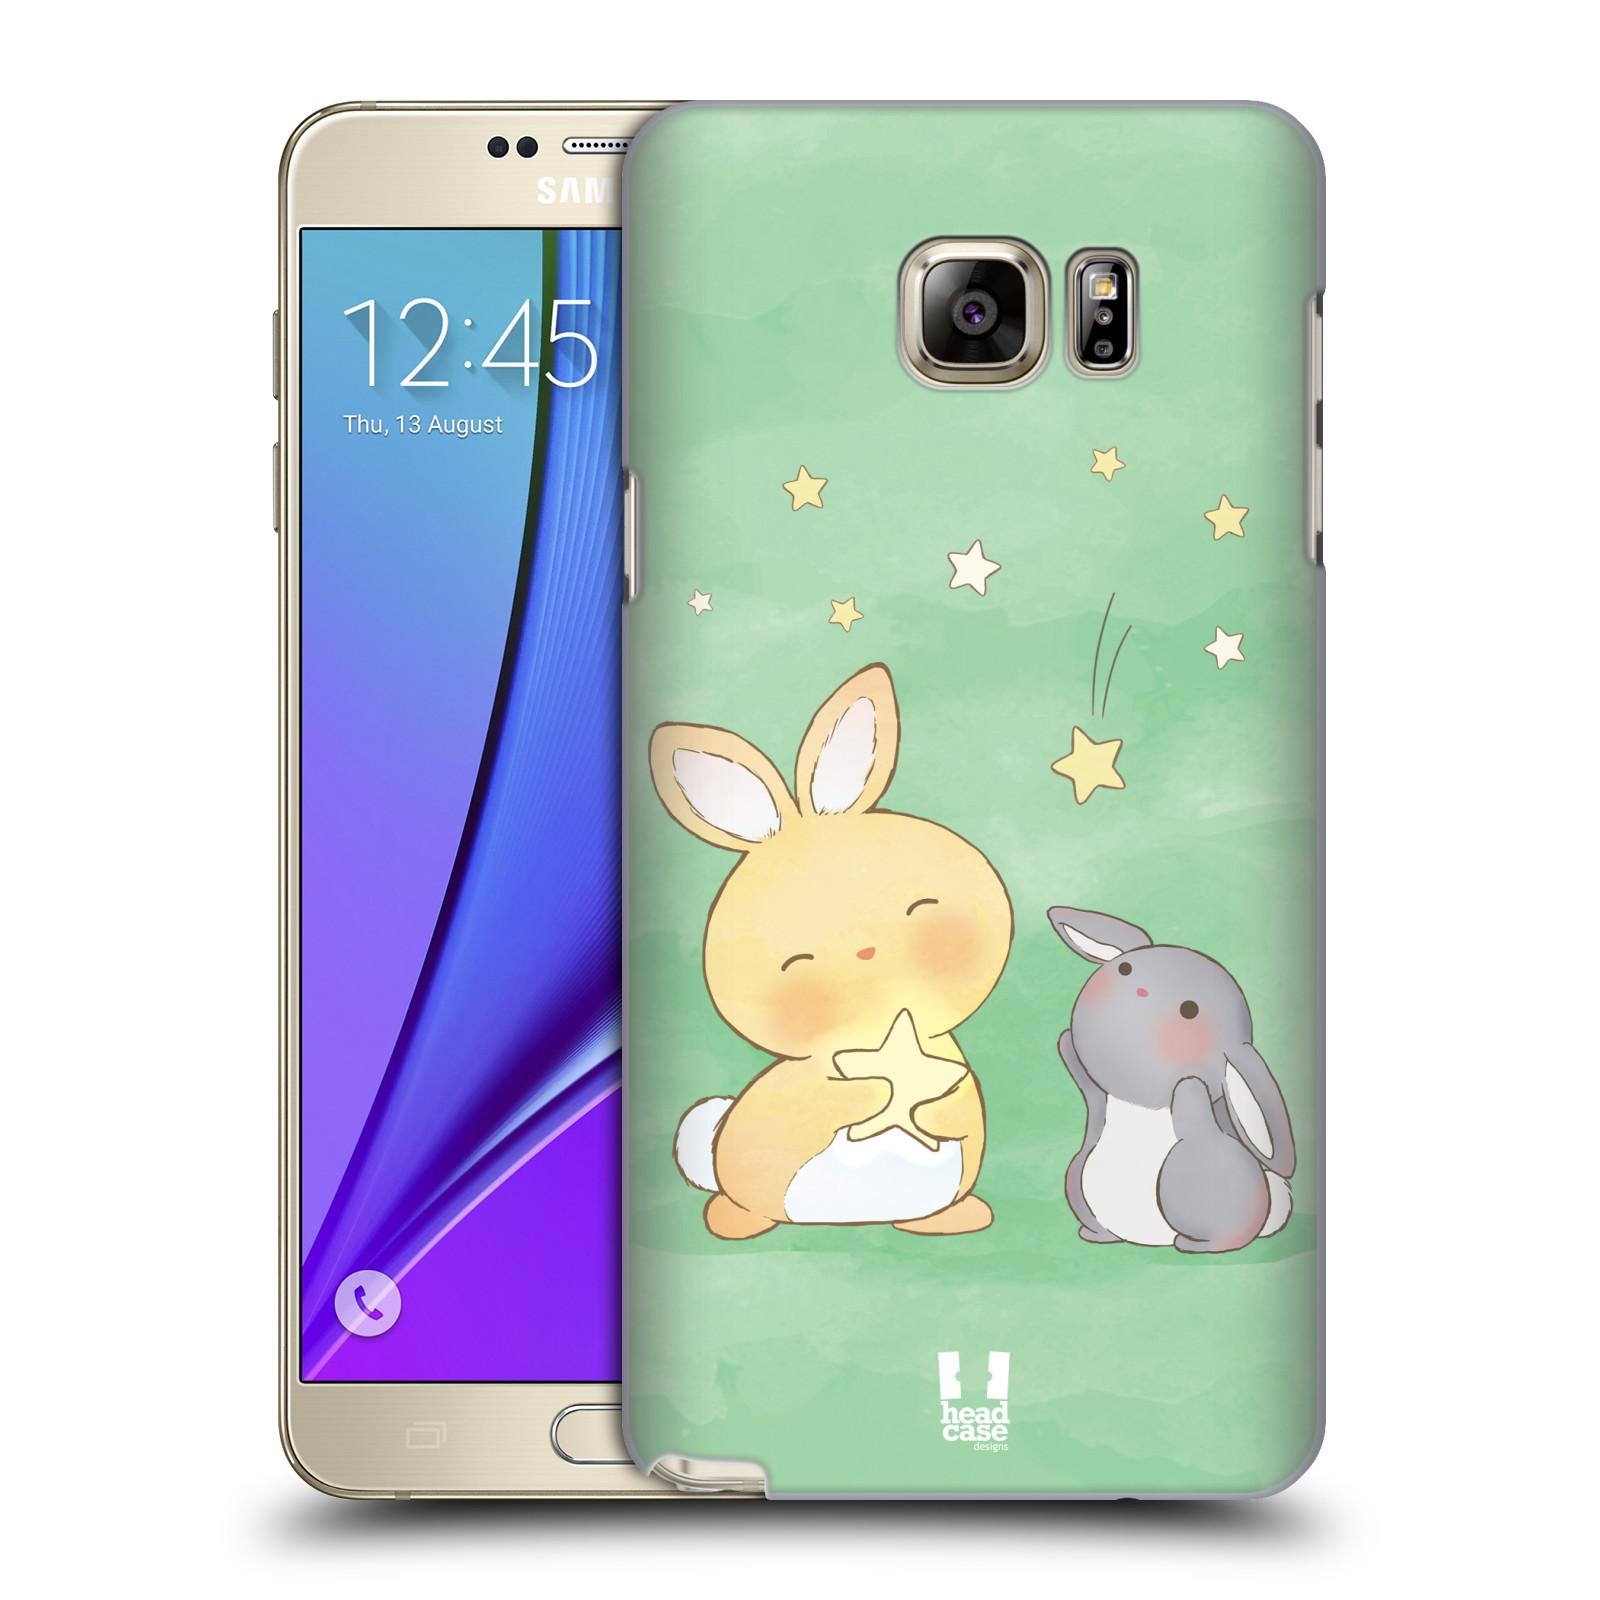 HEAD CASE plastový obal na mobil SAMSUNG Galaxy Note 5 (N920) vzor králíček a hvězdy zelená